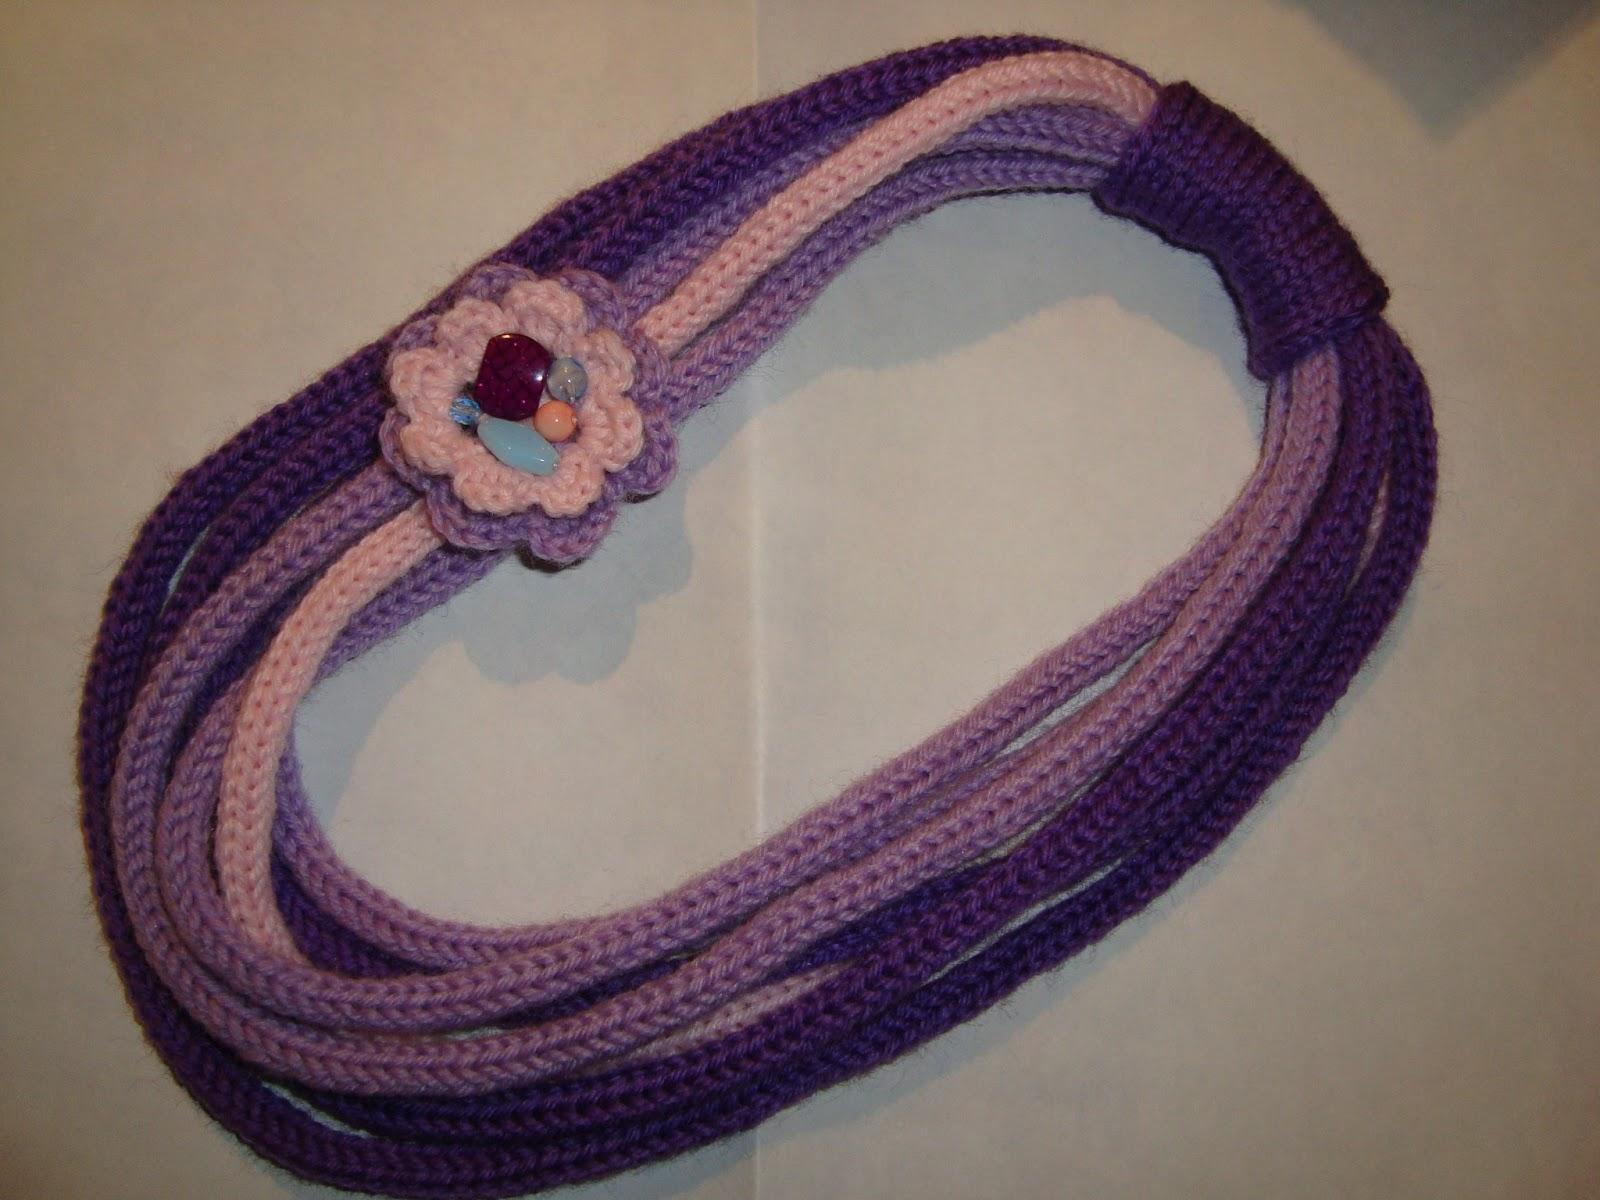 Sito ufficiale vasto assortimento super economico Le creazioni Di Grazia: collane di lana